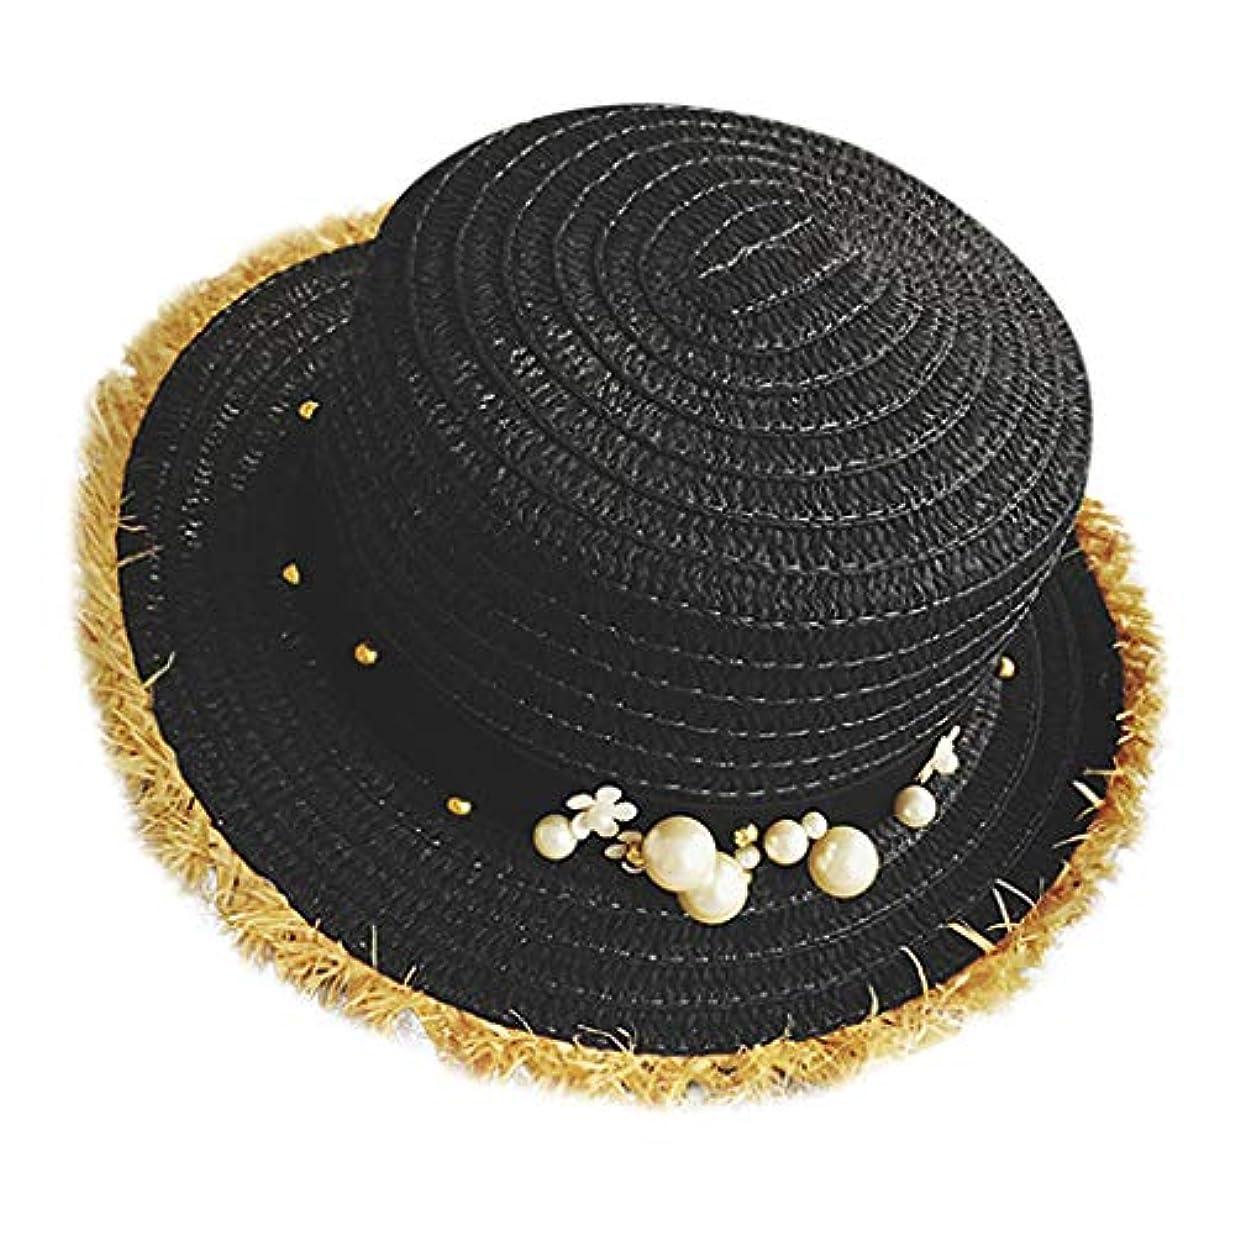 トロリーバスサイト塩辛い帽子 レディース UVカット 帽子 麦わら帽子 UV帽子 紫外線対策 通気性 漁師の帽子 ニット帽 マニュアル 真珠 太陽 キャップ 余暇 休暇 キャップ レディース ハンチング帽 大きいサイズ 発送 ROSE ROMAN